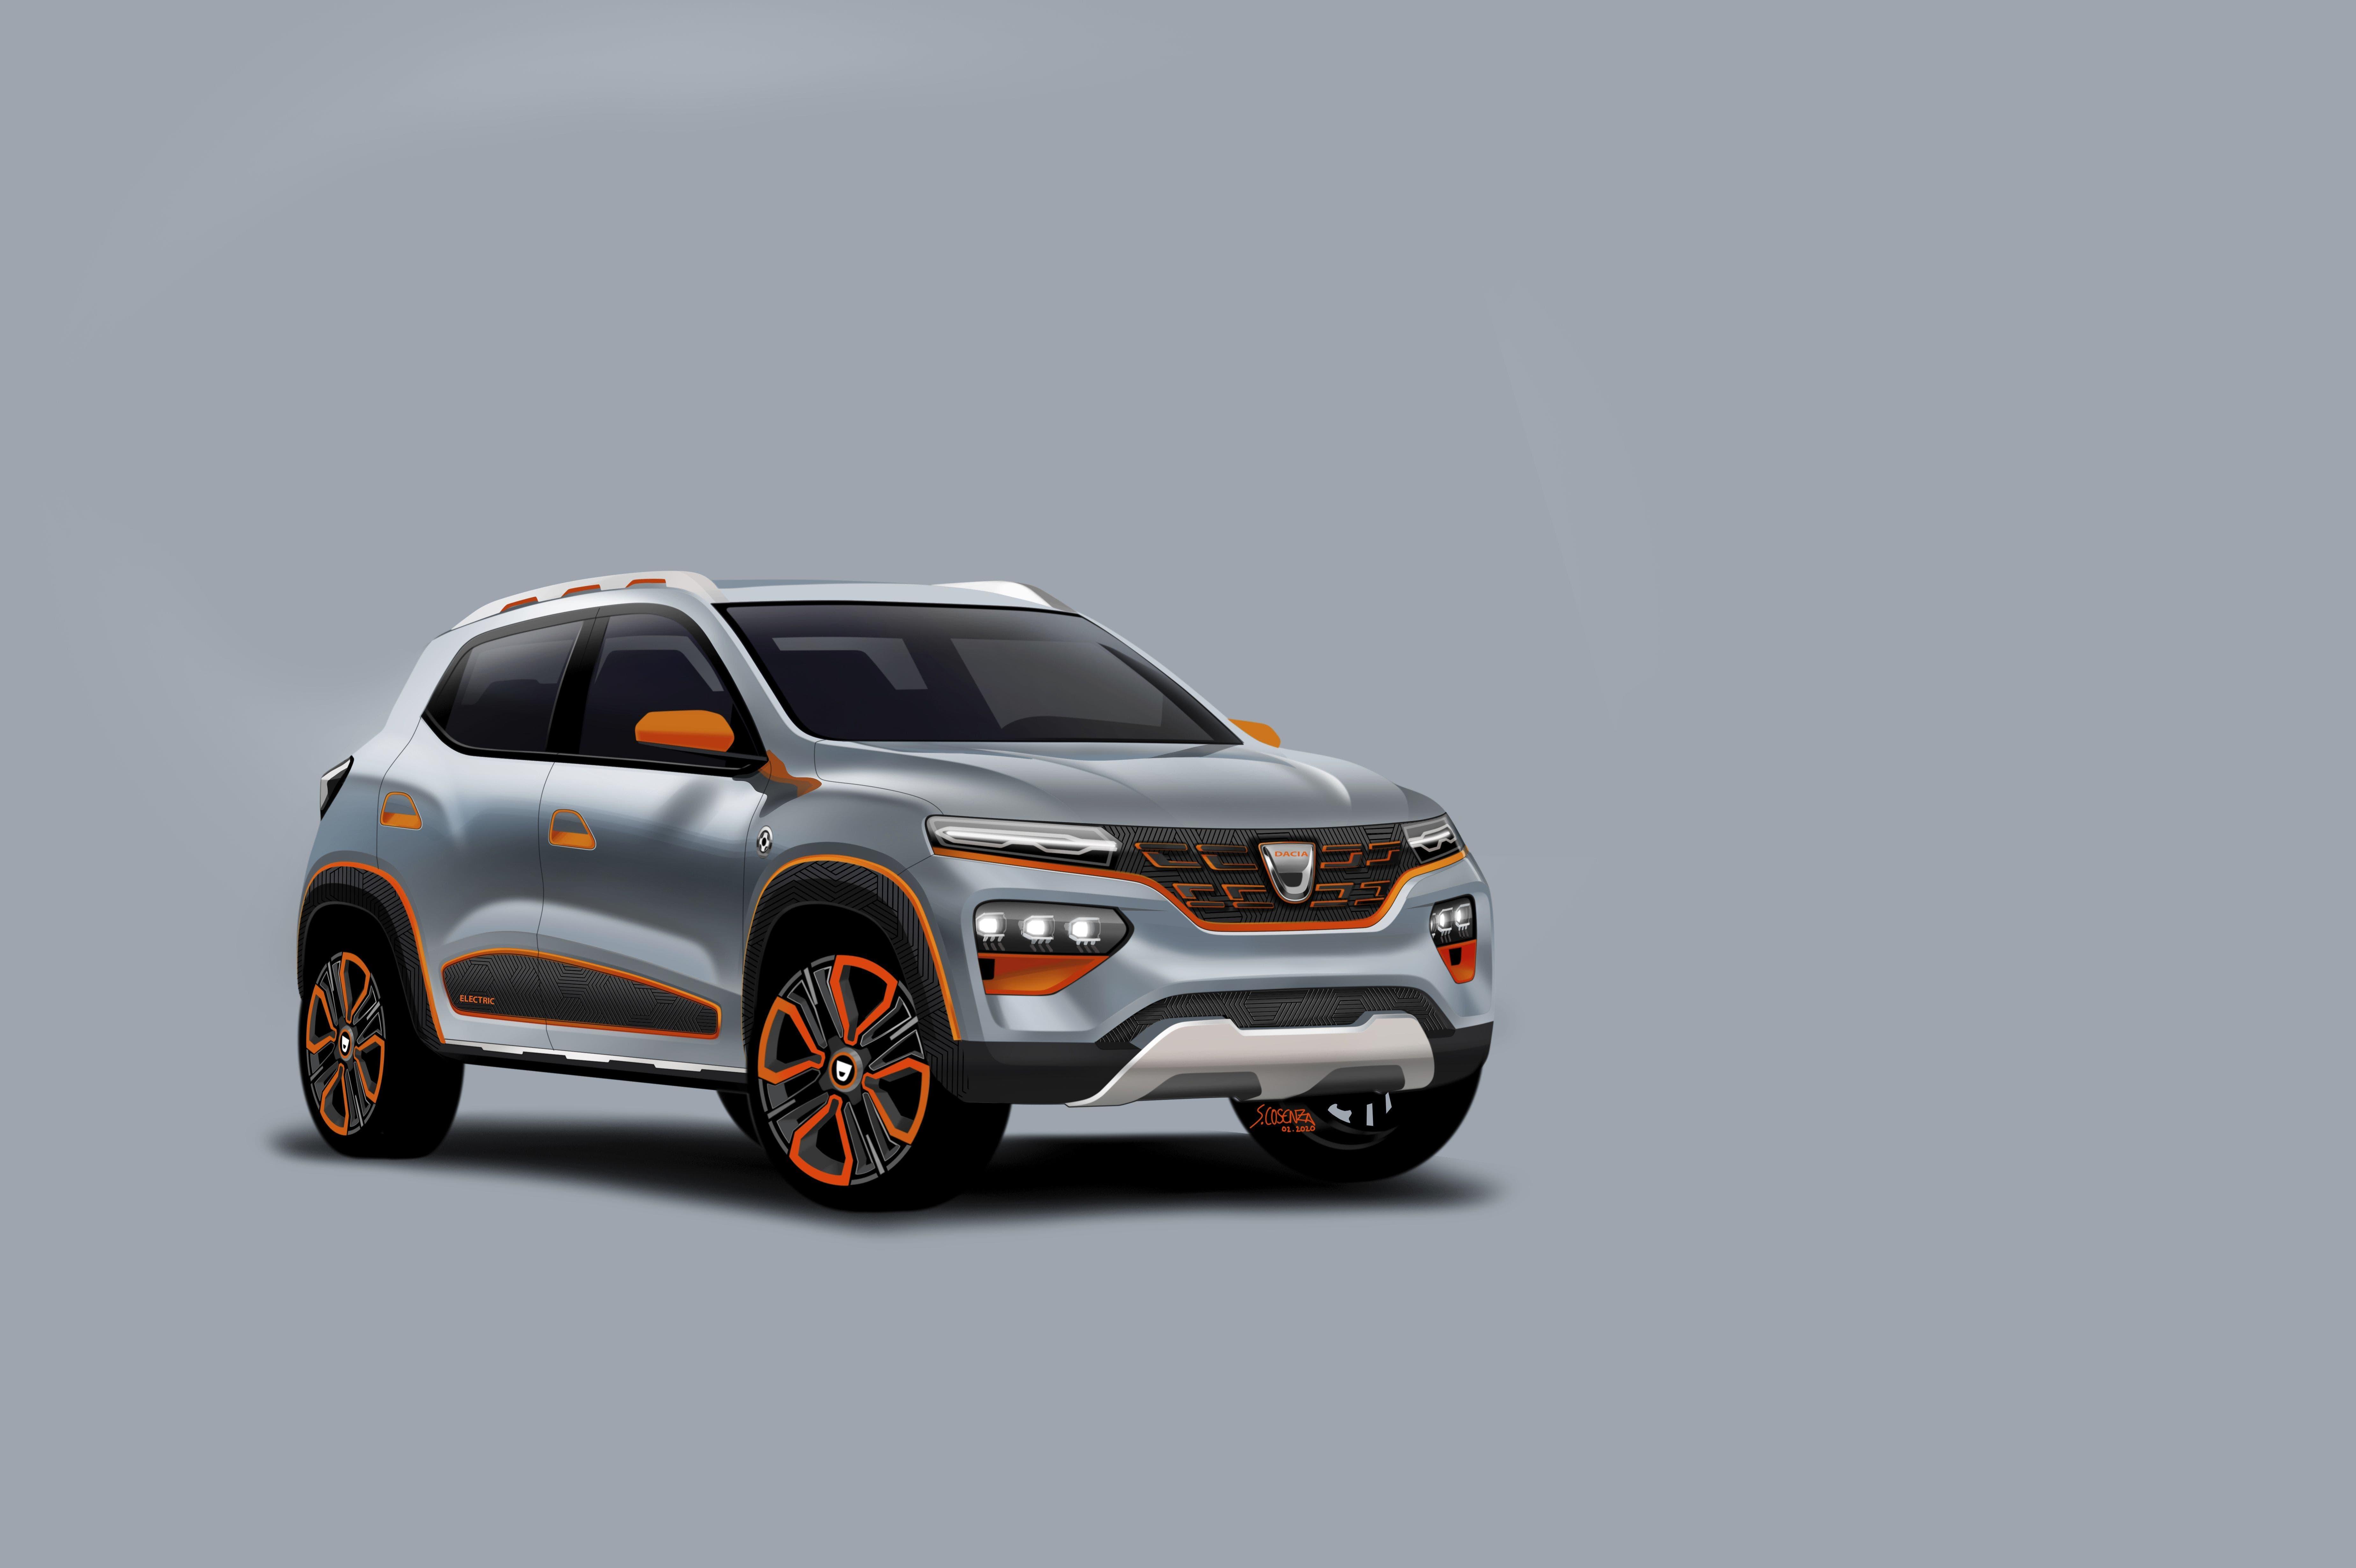 """Dacia stellt mit dem Showcar """"Spring Electric"""" einen Ausblick auf das erste Elektroauto der Marke vor. Der """"Spring Eelectric"""" ist als Crossover-SUV konzipiert und erinnert äusserlich an den Duster."""